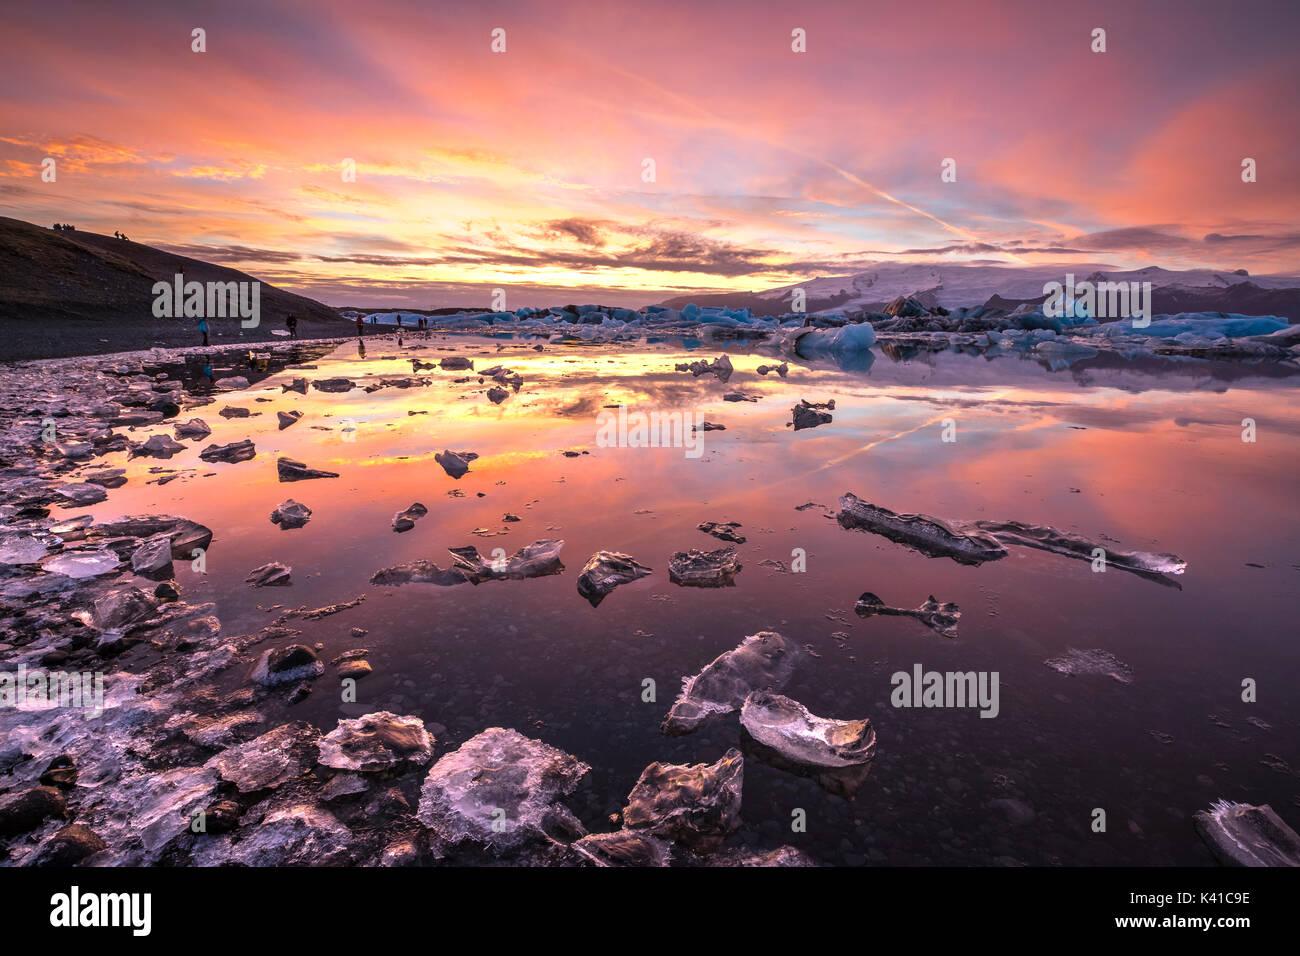 Au coucher du soleil,l'Islande Jökulsárlón Photo Stock